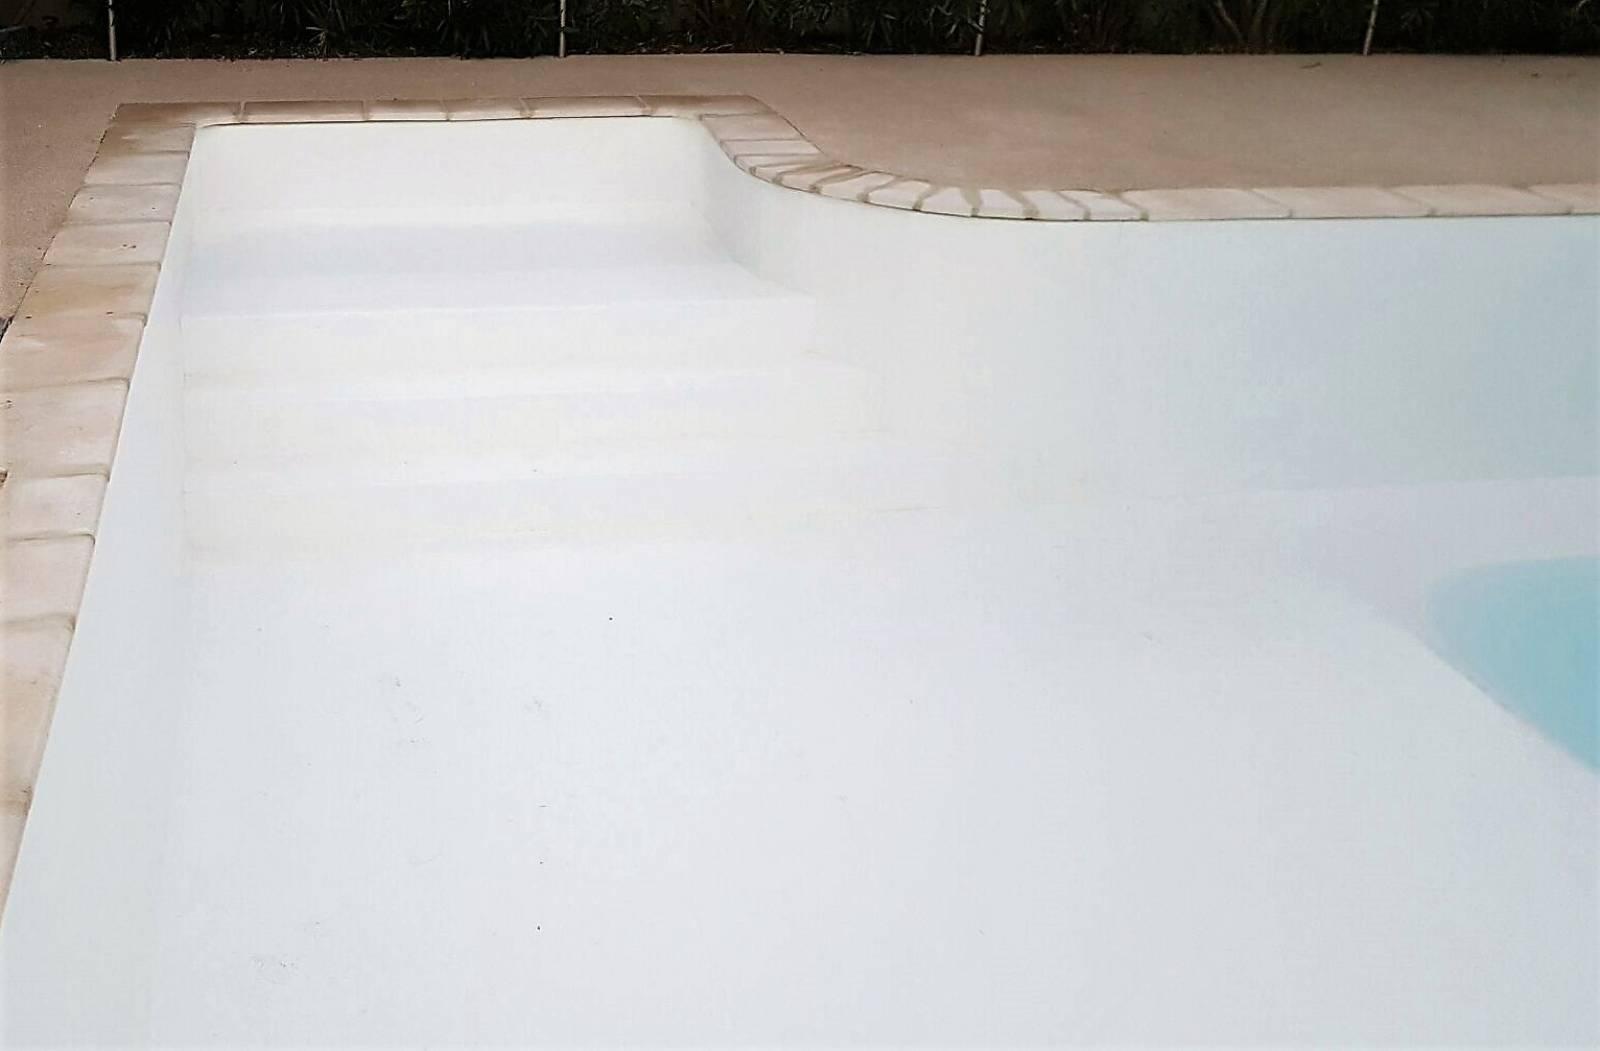 Pose de pvc arm jce piscines for Pose liner pvc arme